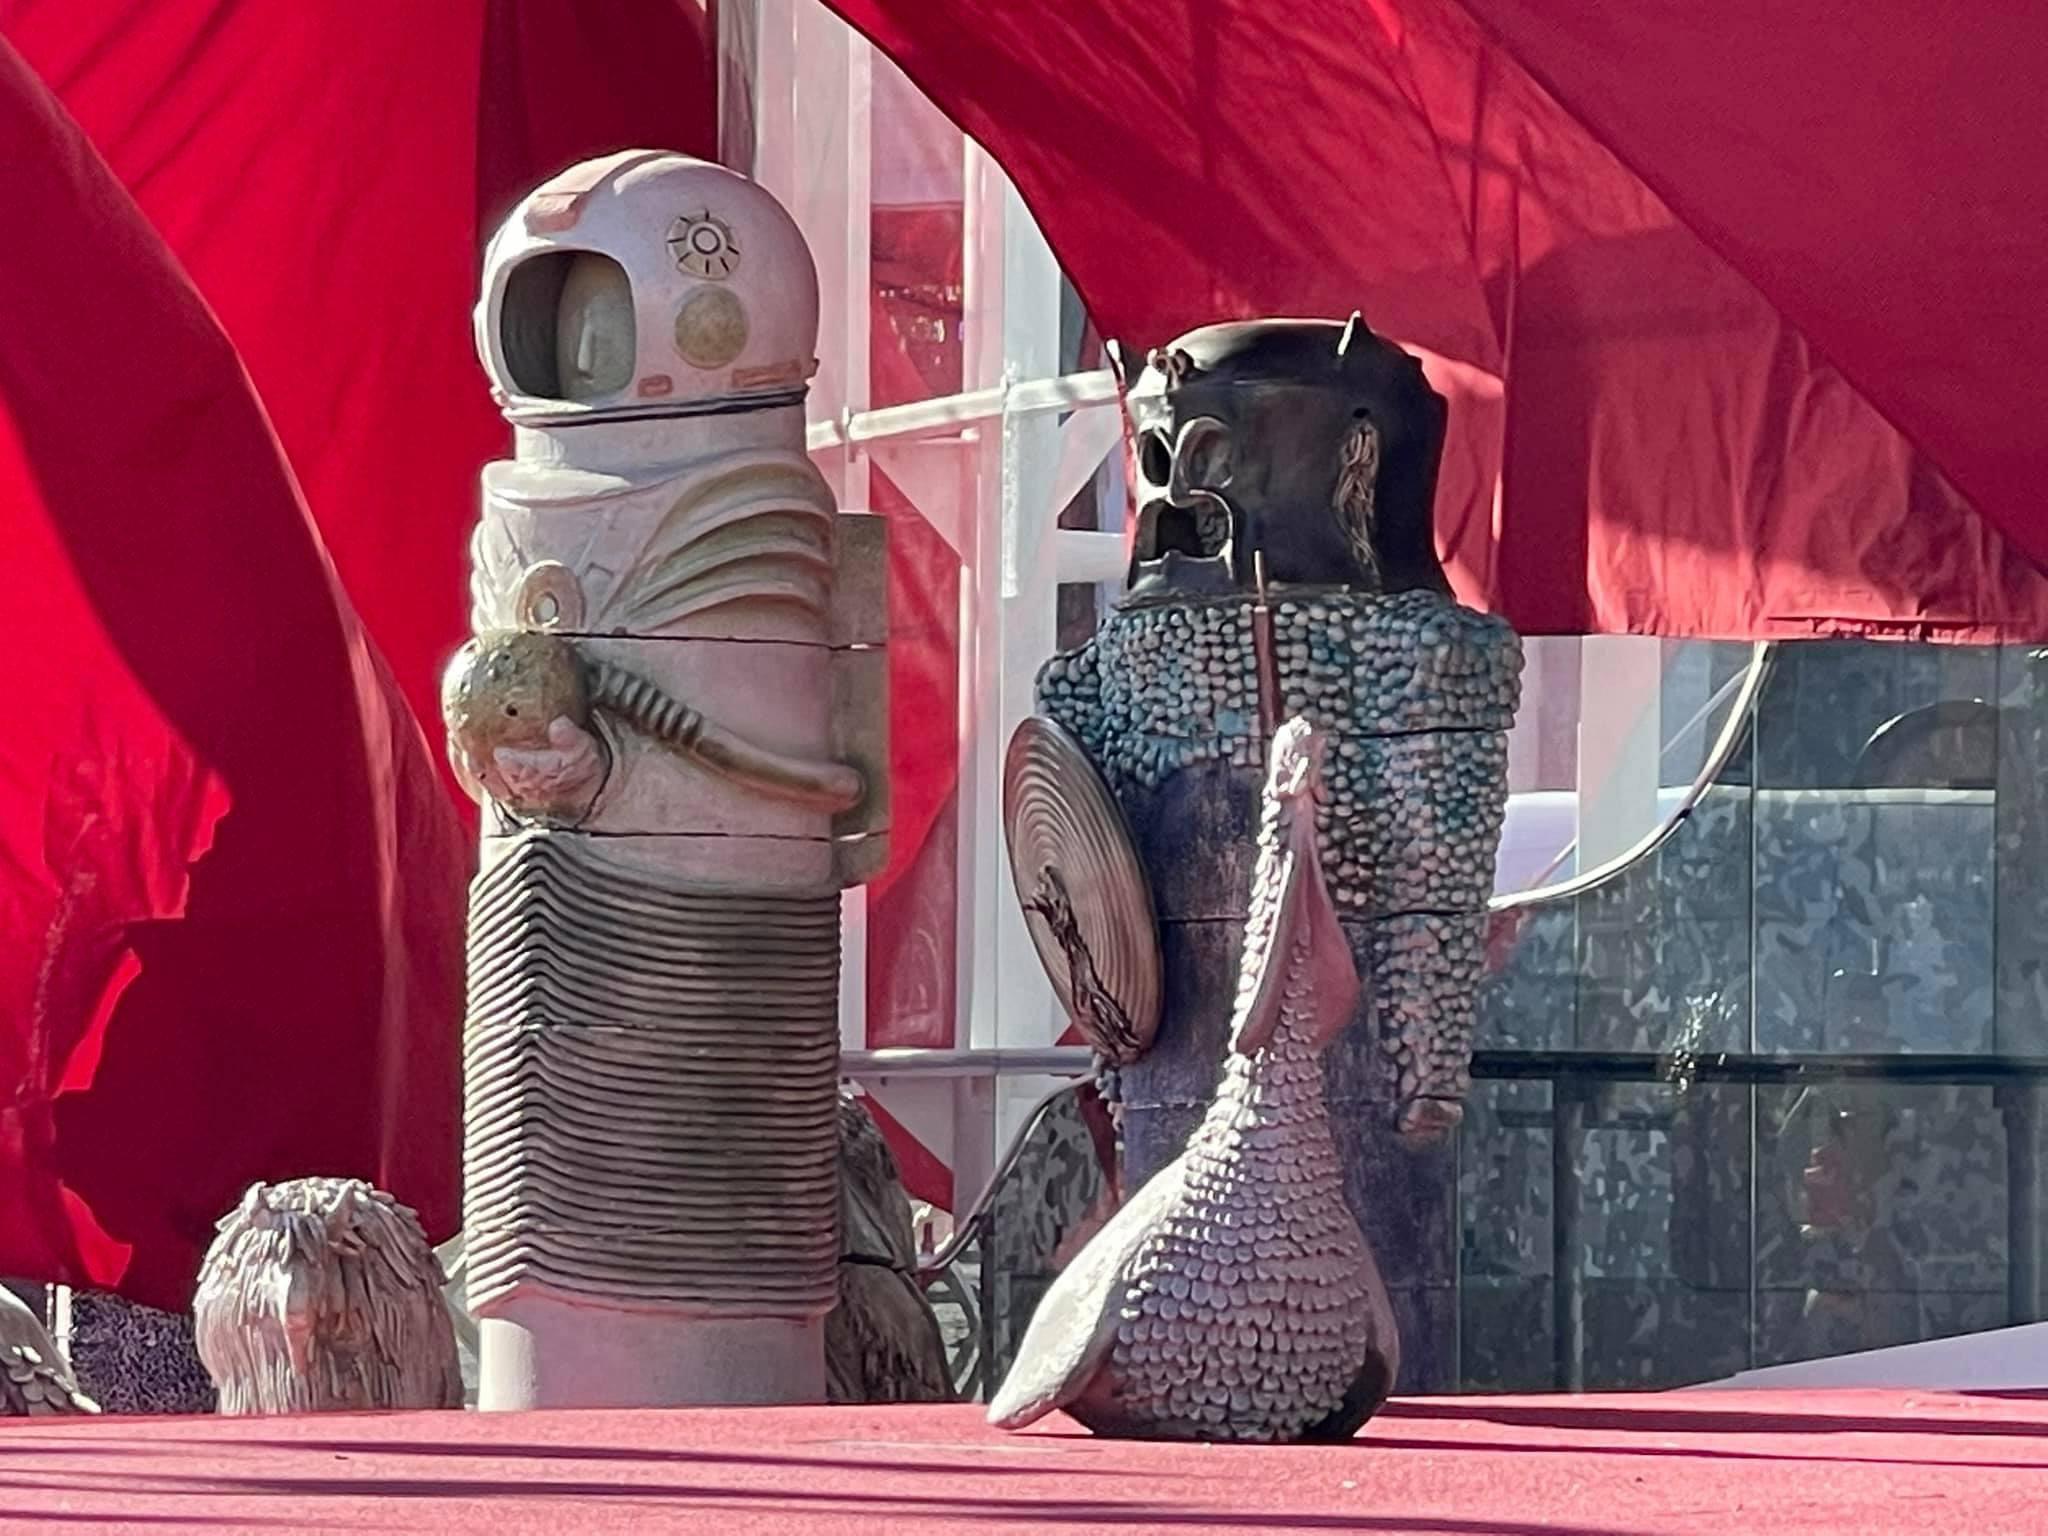 Η φάτνη του Βατικανού έχει αστροναύτη και φιγούρα που θυμίζει τον Darth Vader